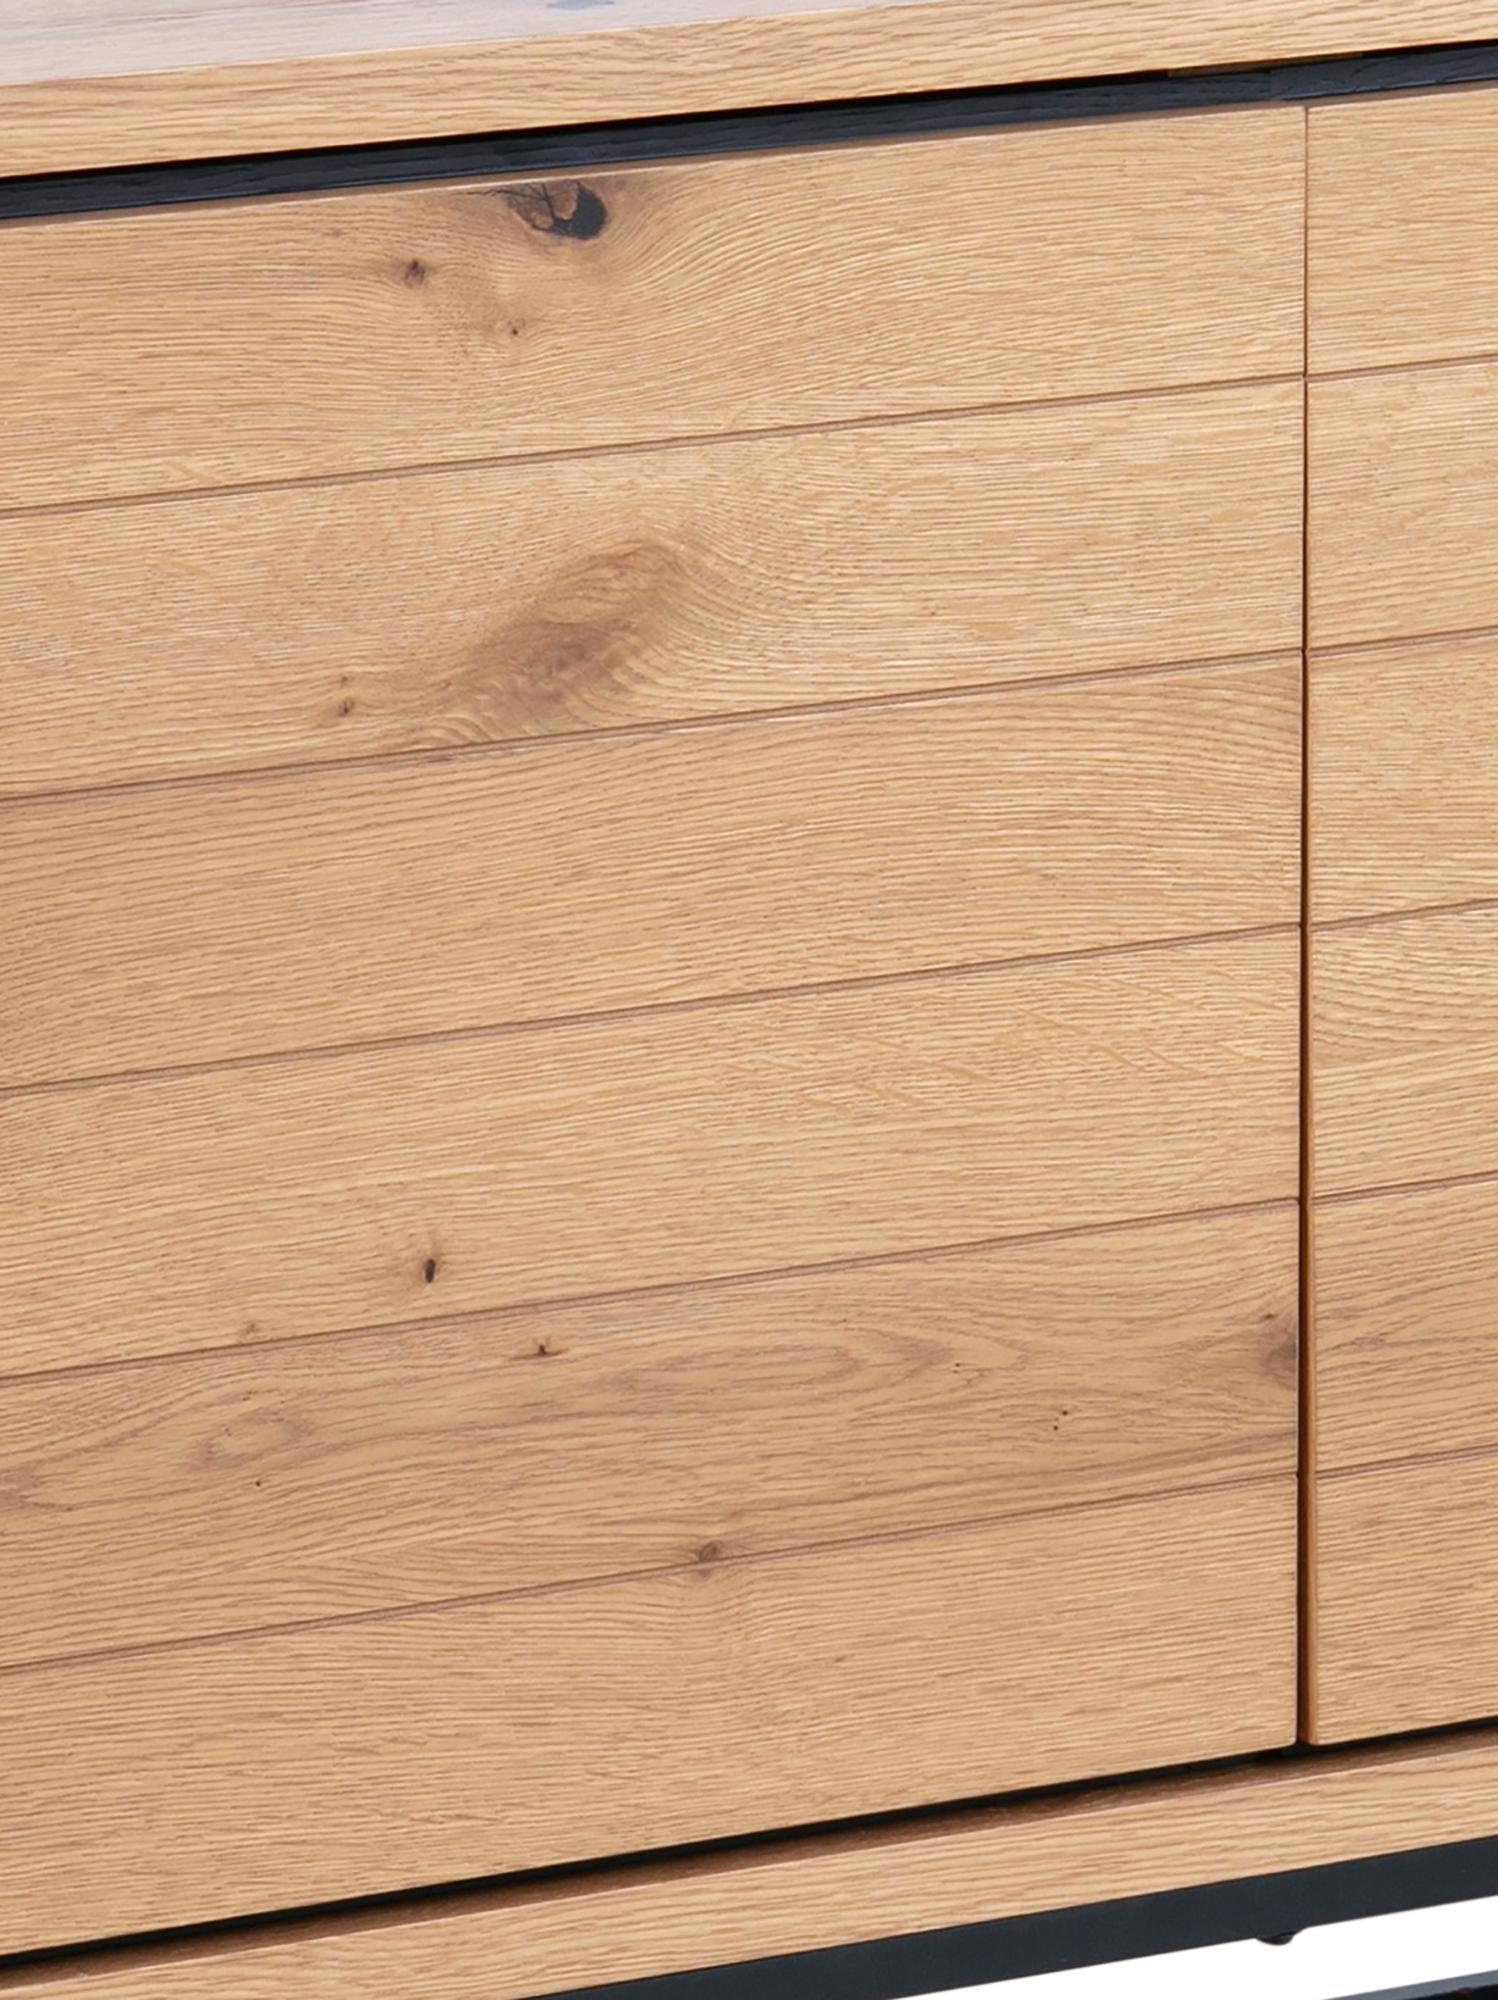 Credenza con finitura in quercia Dalarna, Piedini: metallo verniciato a polv, Quercia selvatica, nero, Larg. 197 x Alt. 76 cm